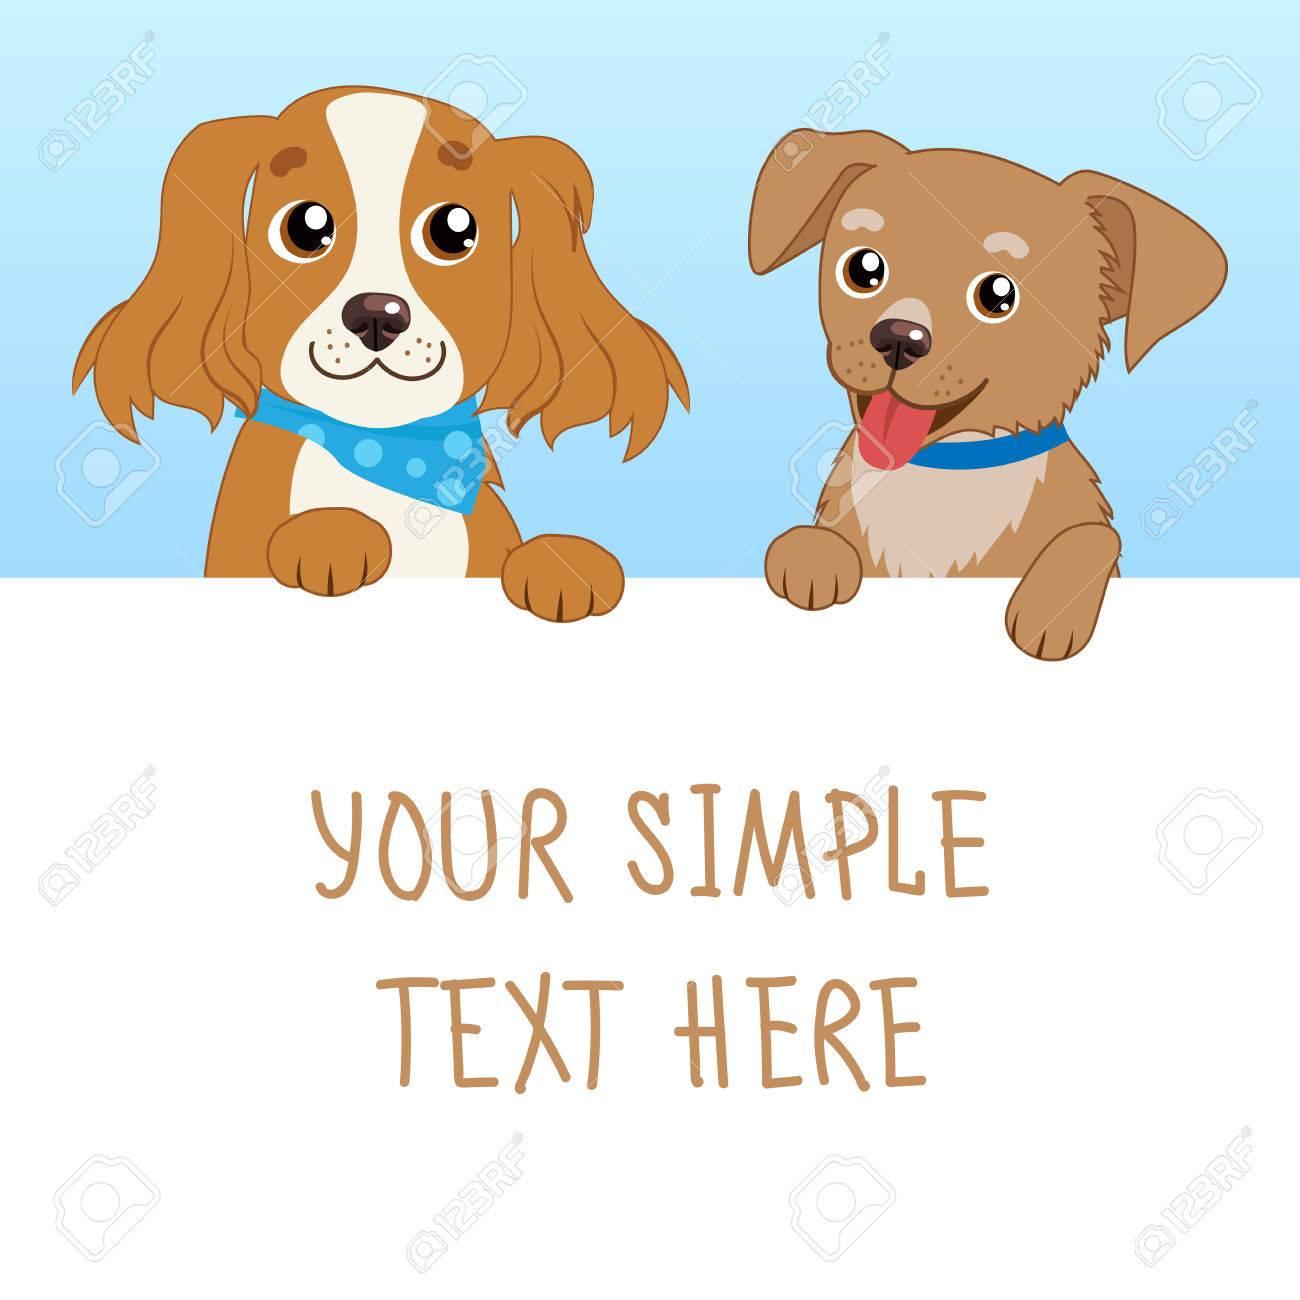 eb35bbf5d0615 Bonita mascota Ilustración De Vector De Dibujos Animados De Perros  Divertidos Con Tarjeta Blanca O Tarjeta